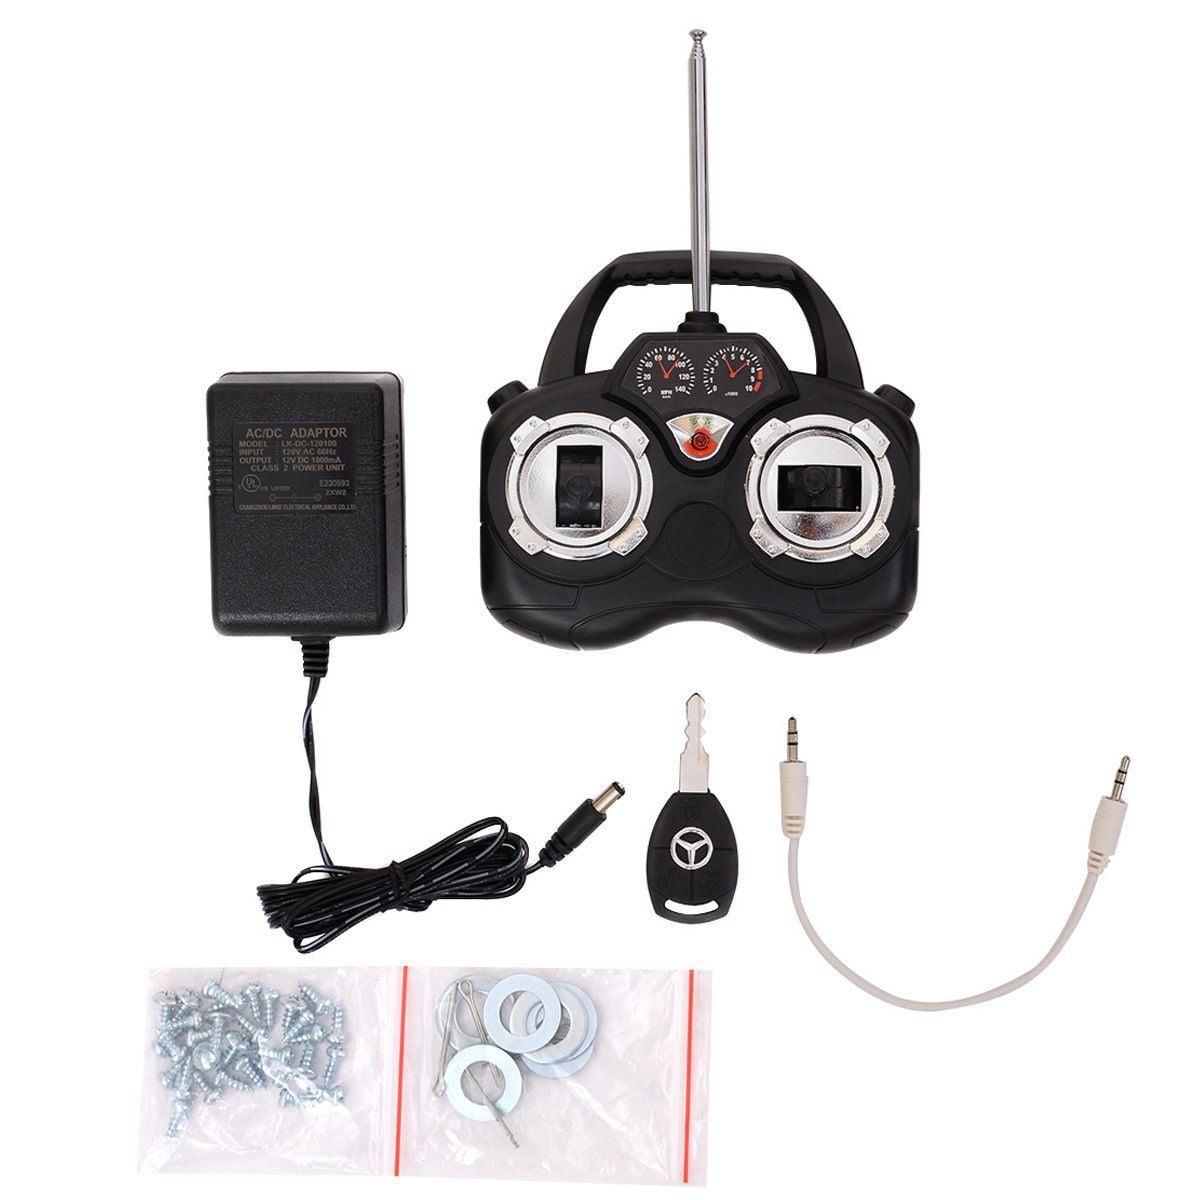 کنترل از راه دور رادیویی ماشین شارژی دو سرعته